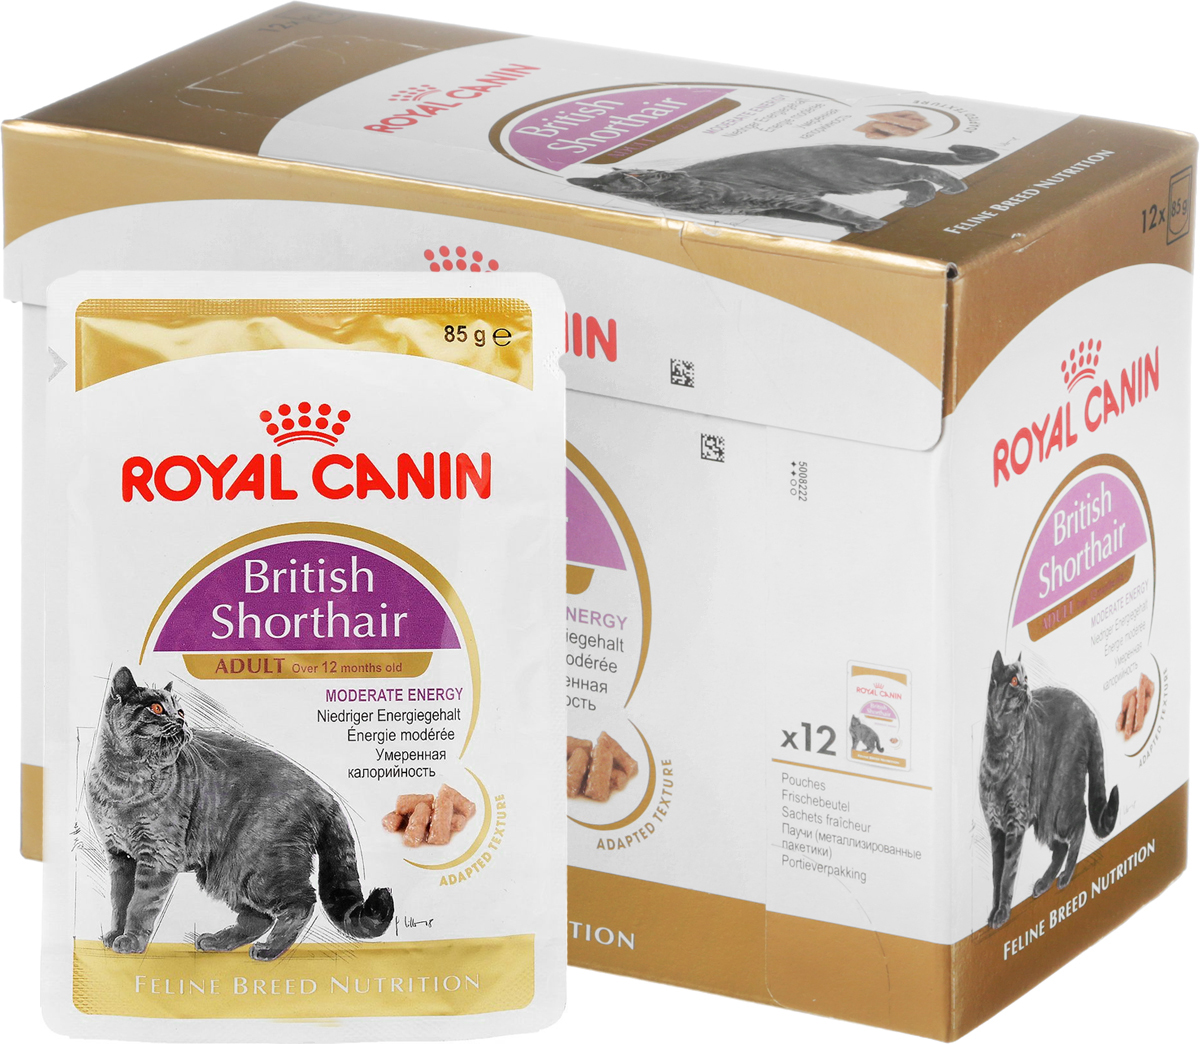 Консервы Royal Canin British Shorthair Adult, для кошек британской породы старше 12 месяцев, мелкие кусочки в соусе, 85 г, 12 шт60581Консервы Royal Canin British Shorthair Adult специально созданы для британских короткошерстных кошек в возрасте старше 12 месяцев. Британская короткошерстная кошка родом из Великобритании, что явствует из названия породы. Поддержание оптимальной формы. Мощные и коренастые, британские короткошерстные кошки испытывают повышенную нагрузку на суставы в сравнении с кошками меньшего веса. Крупное сердце - риск для здоровья. Эта порода имеет предрасположенность к сердечным заболеваниям. Соблюдение диетических рекомендаций - залог здоровья сердца! Умеренное содержание энергии. У британской короткошерстной кошки мощное плотное телосложение, вследствие чего повышается нагрузка на суставы. Продукт British Shorthair Adult с адаптированным содержанием жира для поддержания оптимального веса.Здоровье мочевыделительной системы. Помогает поддерживать здоровье мочевыделительной системы.Здоровье кожи и шерсти. Помогает поддерживать здоровье кожи и шерсти. Состав: мясо и мясные субпродукты, злаки, рыба и рыбные субпродукты, субпродукты растительного происхождения, экстракты белков растительного происхождения, масла и жиры, минеральные вещества, углеводы. Добавки (в 1 кг): витамин D3 265 ME, железо 8 мг, йод 0,09 мг, марганец 2,4 мг, цинк: 24 мг. Товар сертифицирован.